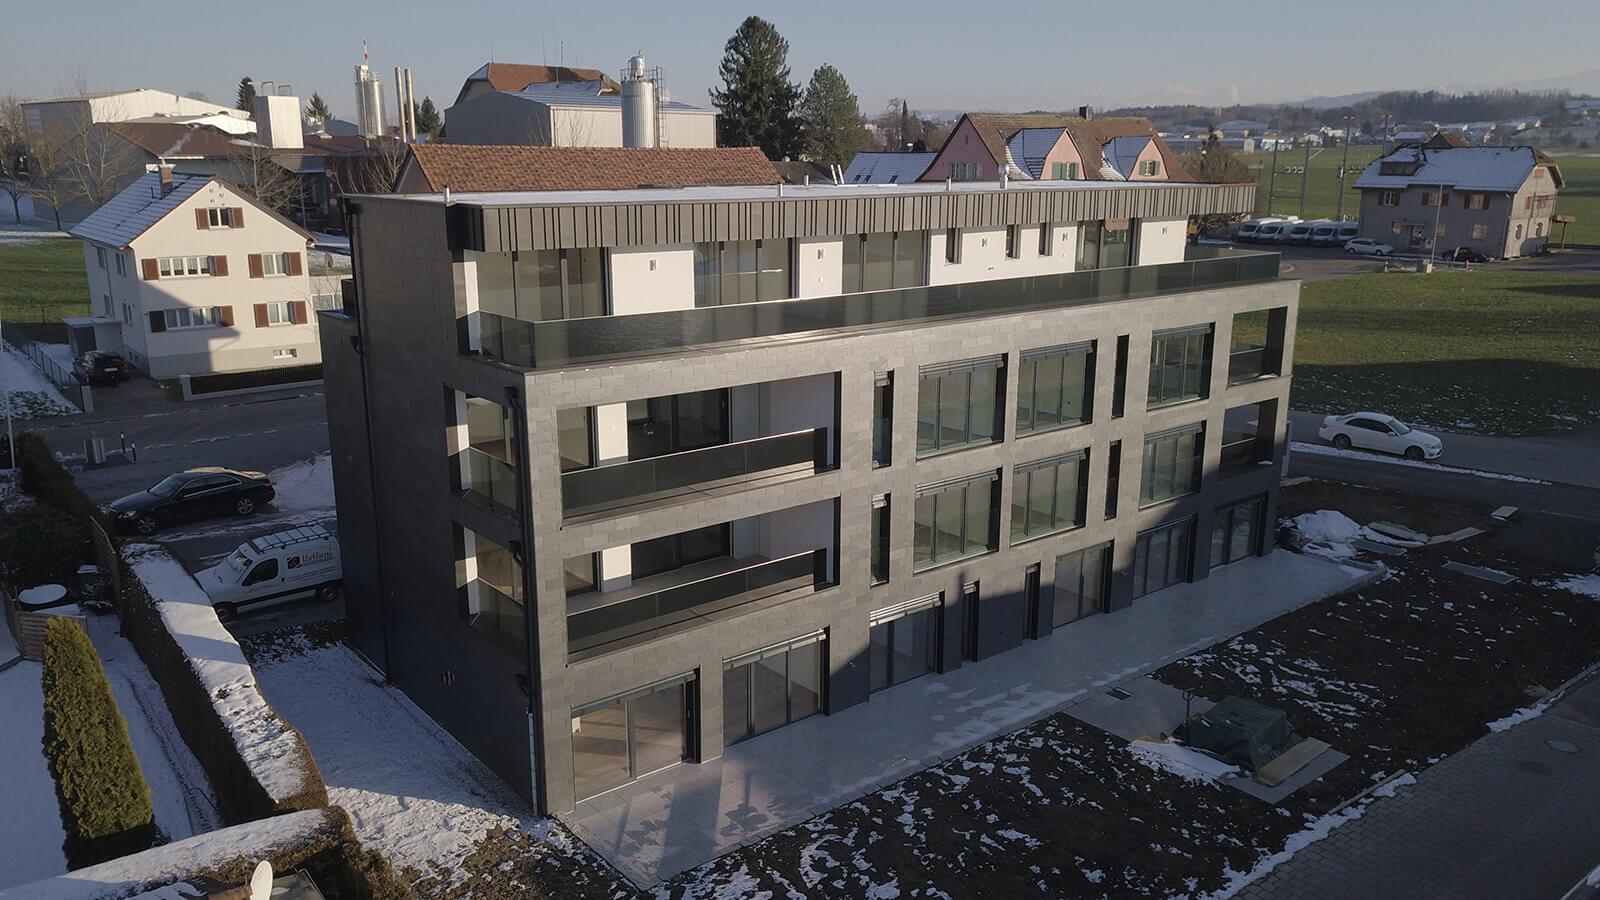 Mehrfamilienhaus Mit 3 Stockwerken Gesamt 7 Wohnungen Zur Miete